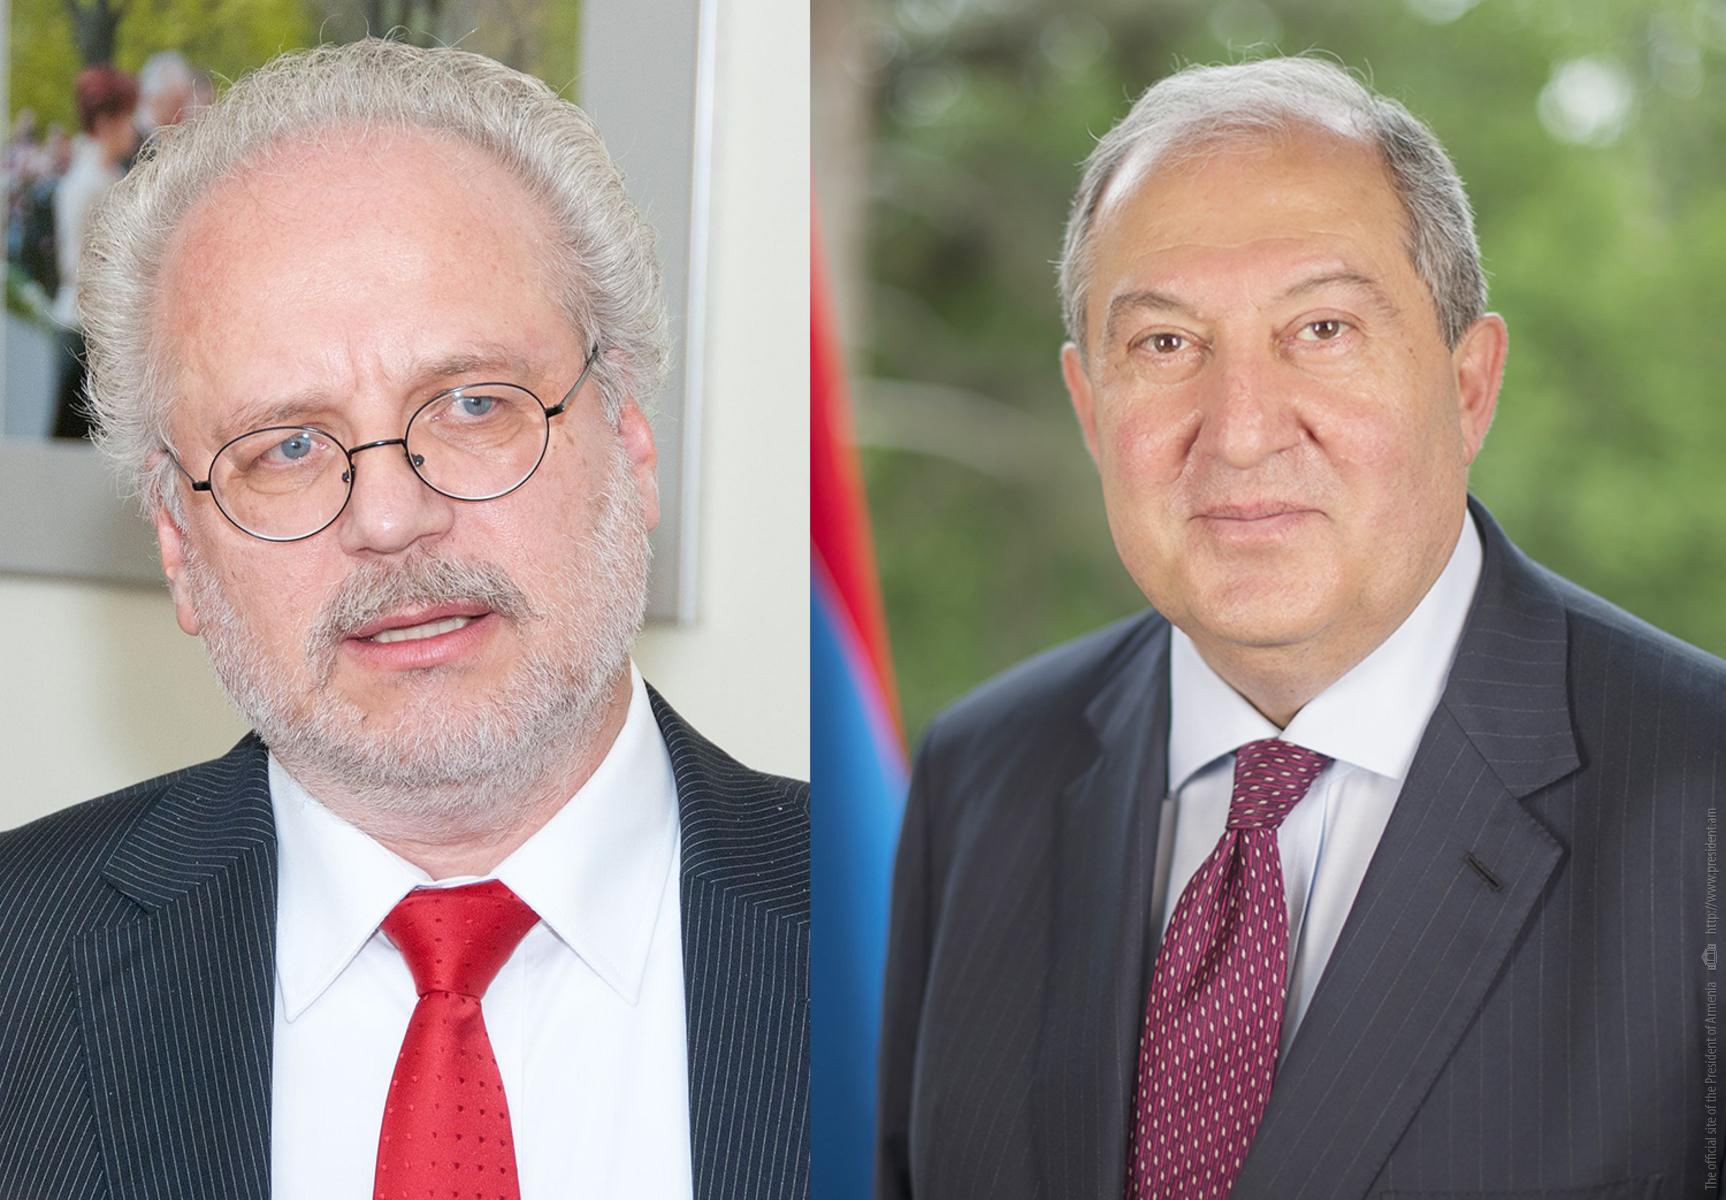 Photo of Երկու երկրները համագործակցության լուրջ ներուժ ունեն. նախագահ Արմեն Սարգսյանը հեռախոսազրույց է ունեցել Լատվիայի նախագահի հետ